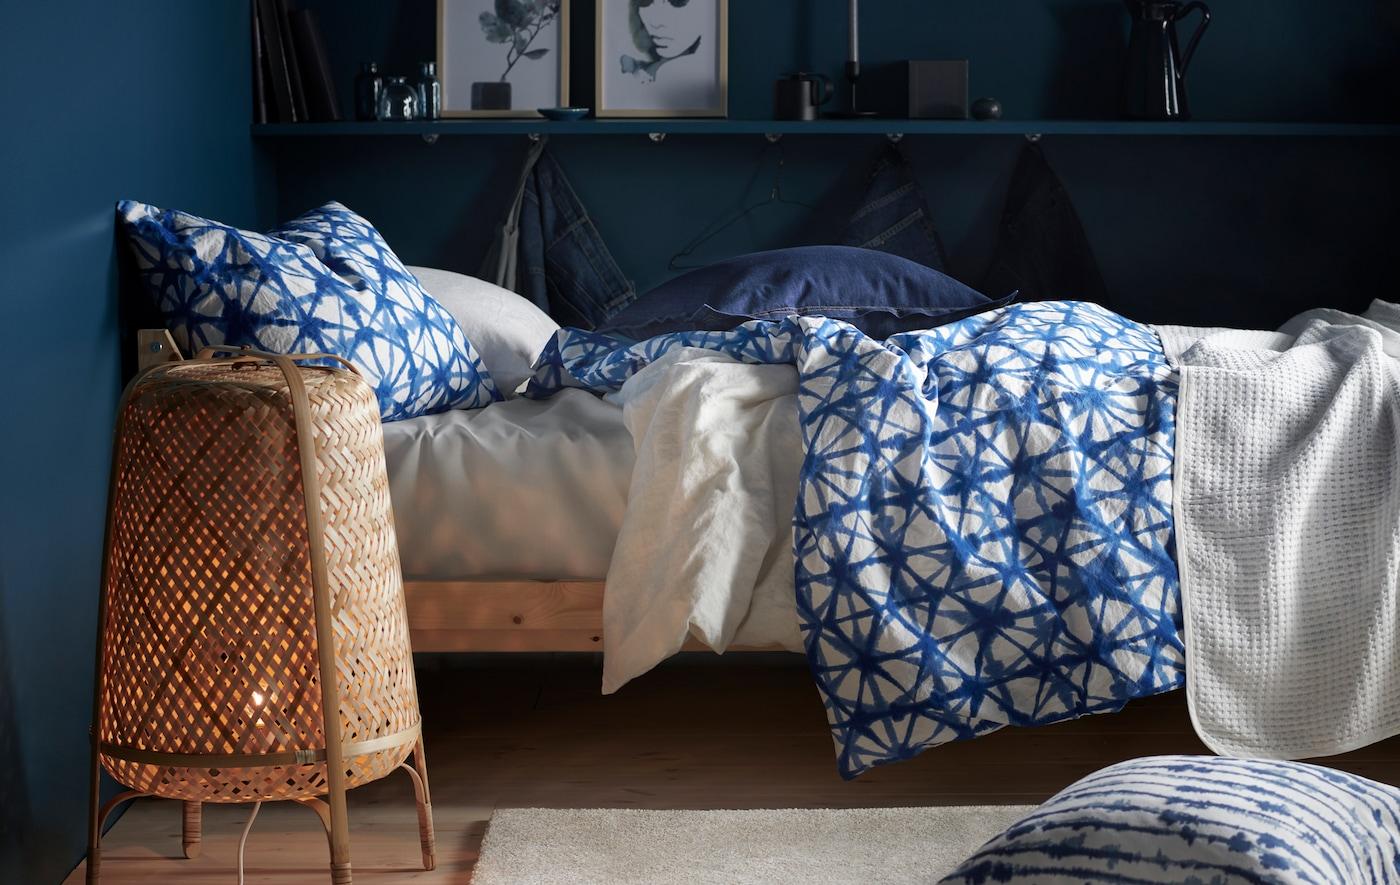 Säng med blå- och vitmönstrade sängkläder och en bambugolvlampa i ett rum med mörkblå väggar.